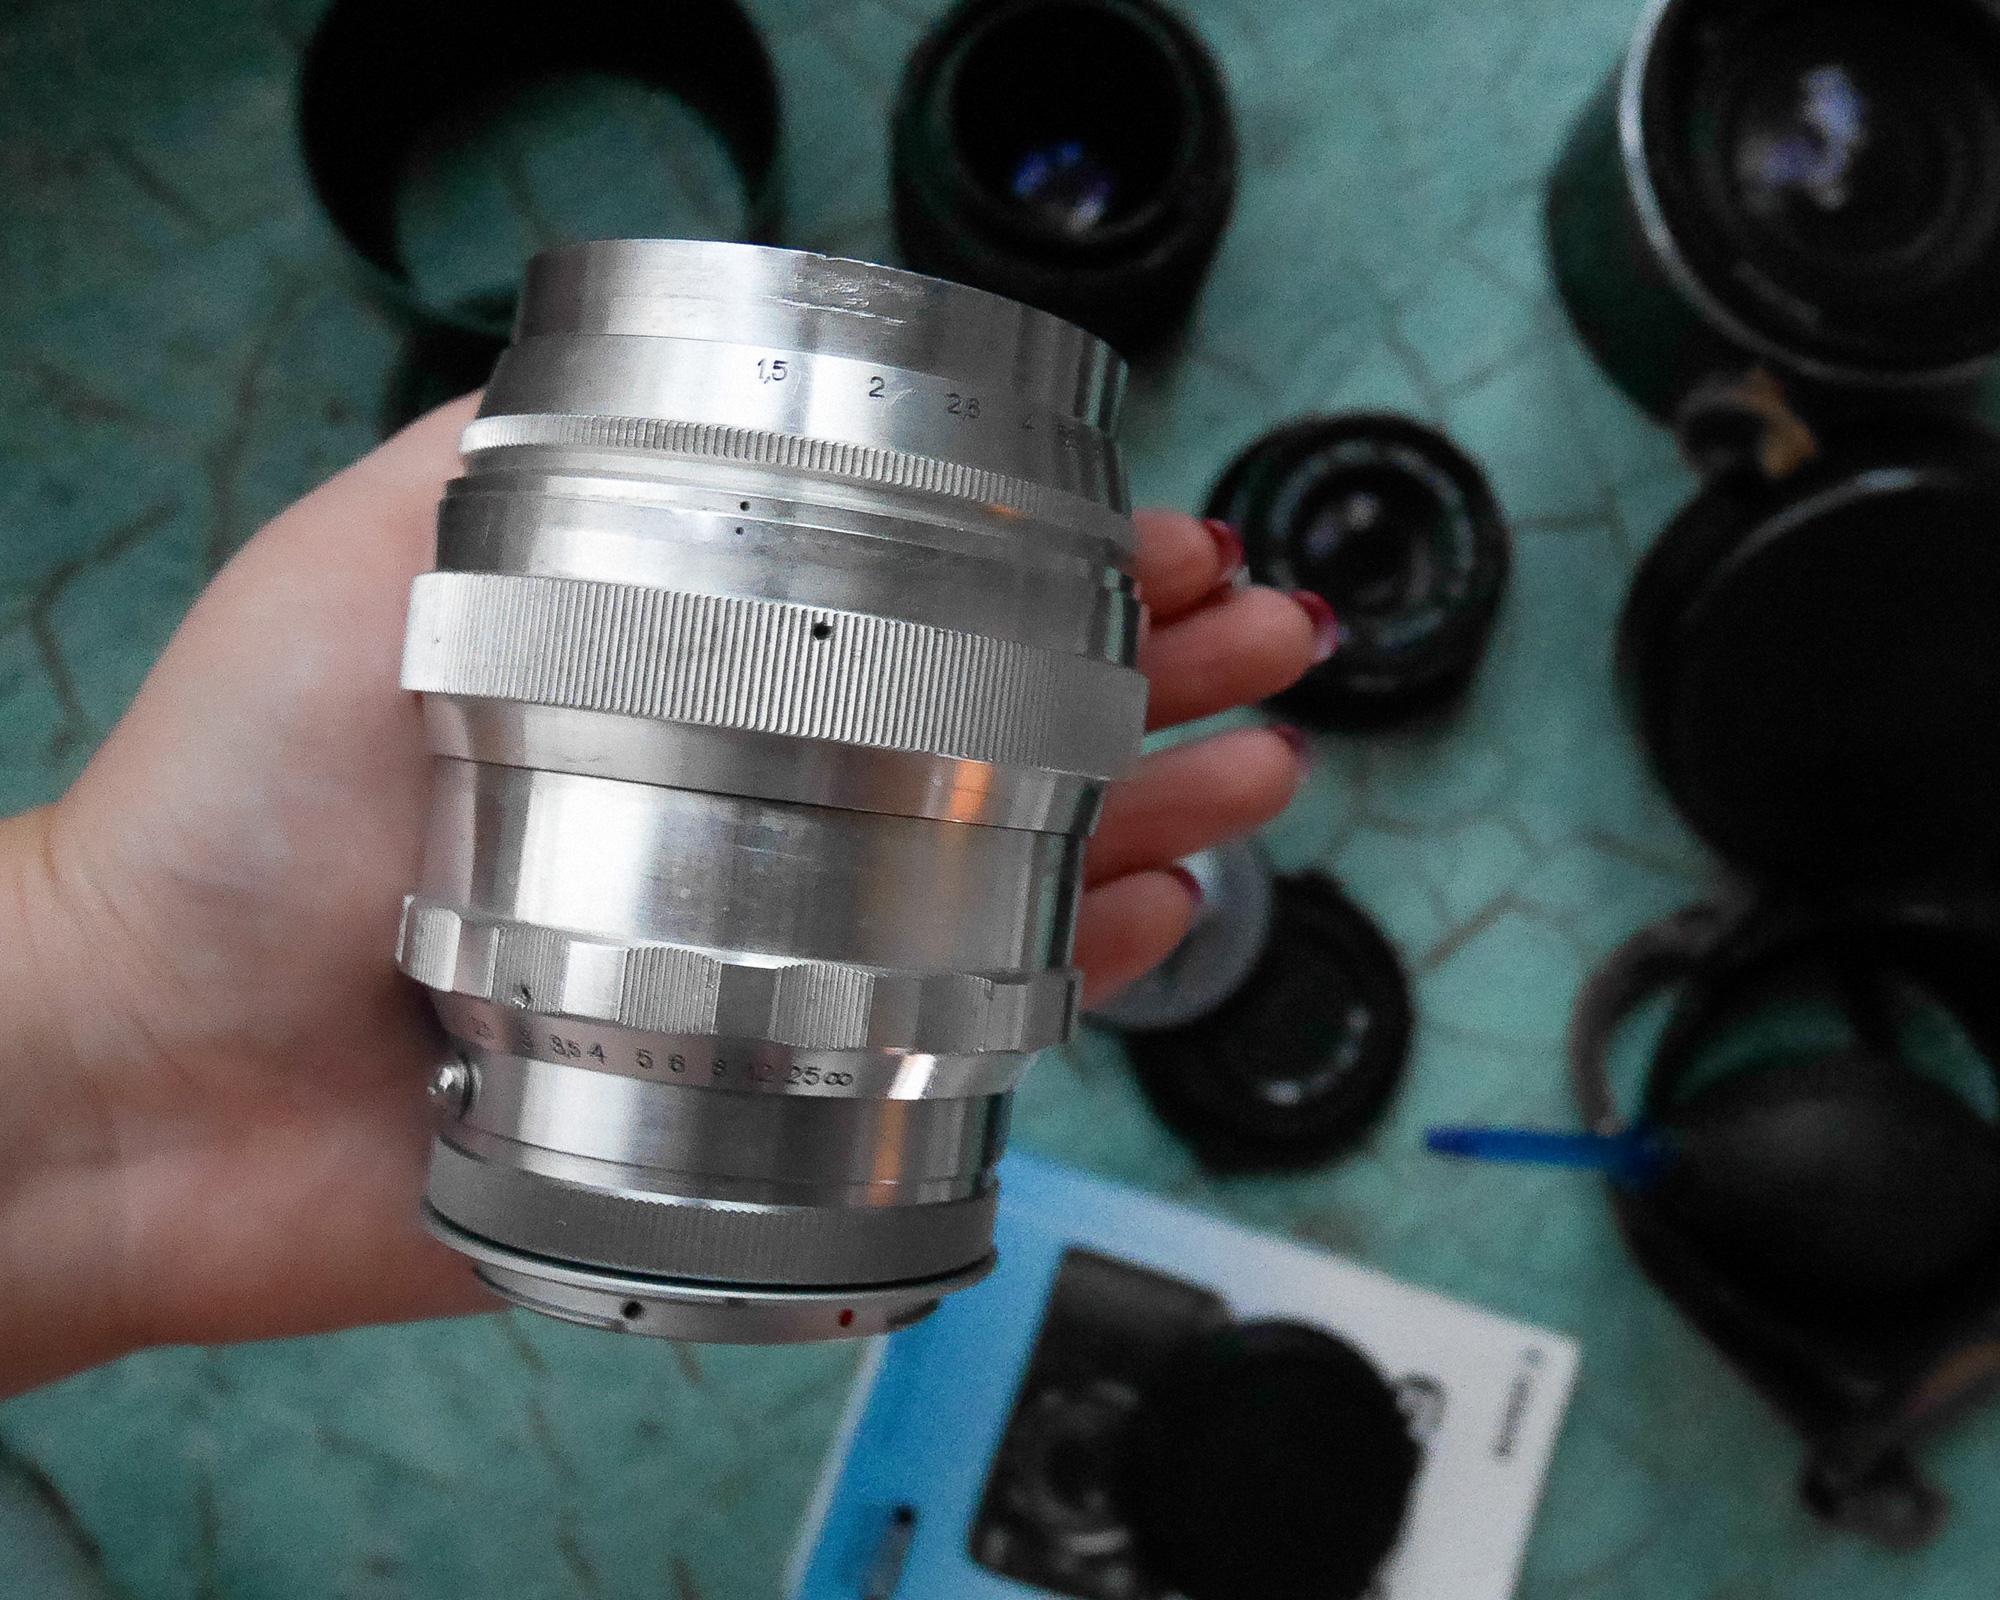 1. Вес стекла около 900 граммов, что затрудняет его установку на легкие камеры. Возникают проблемы с